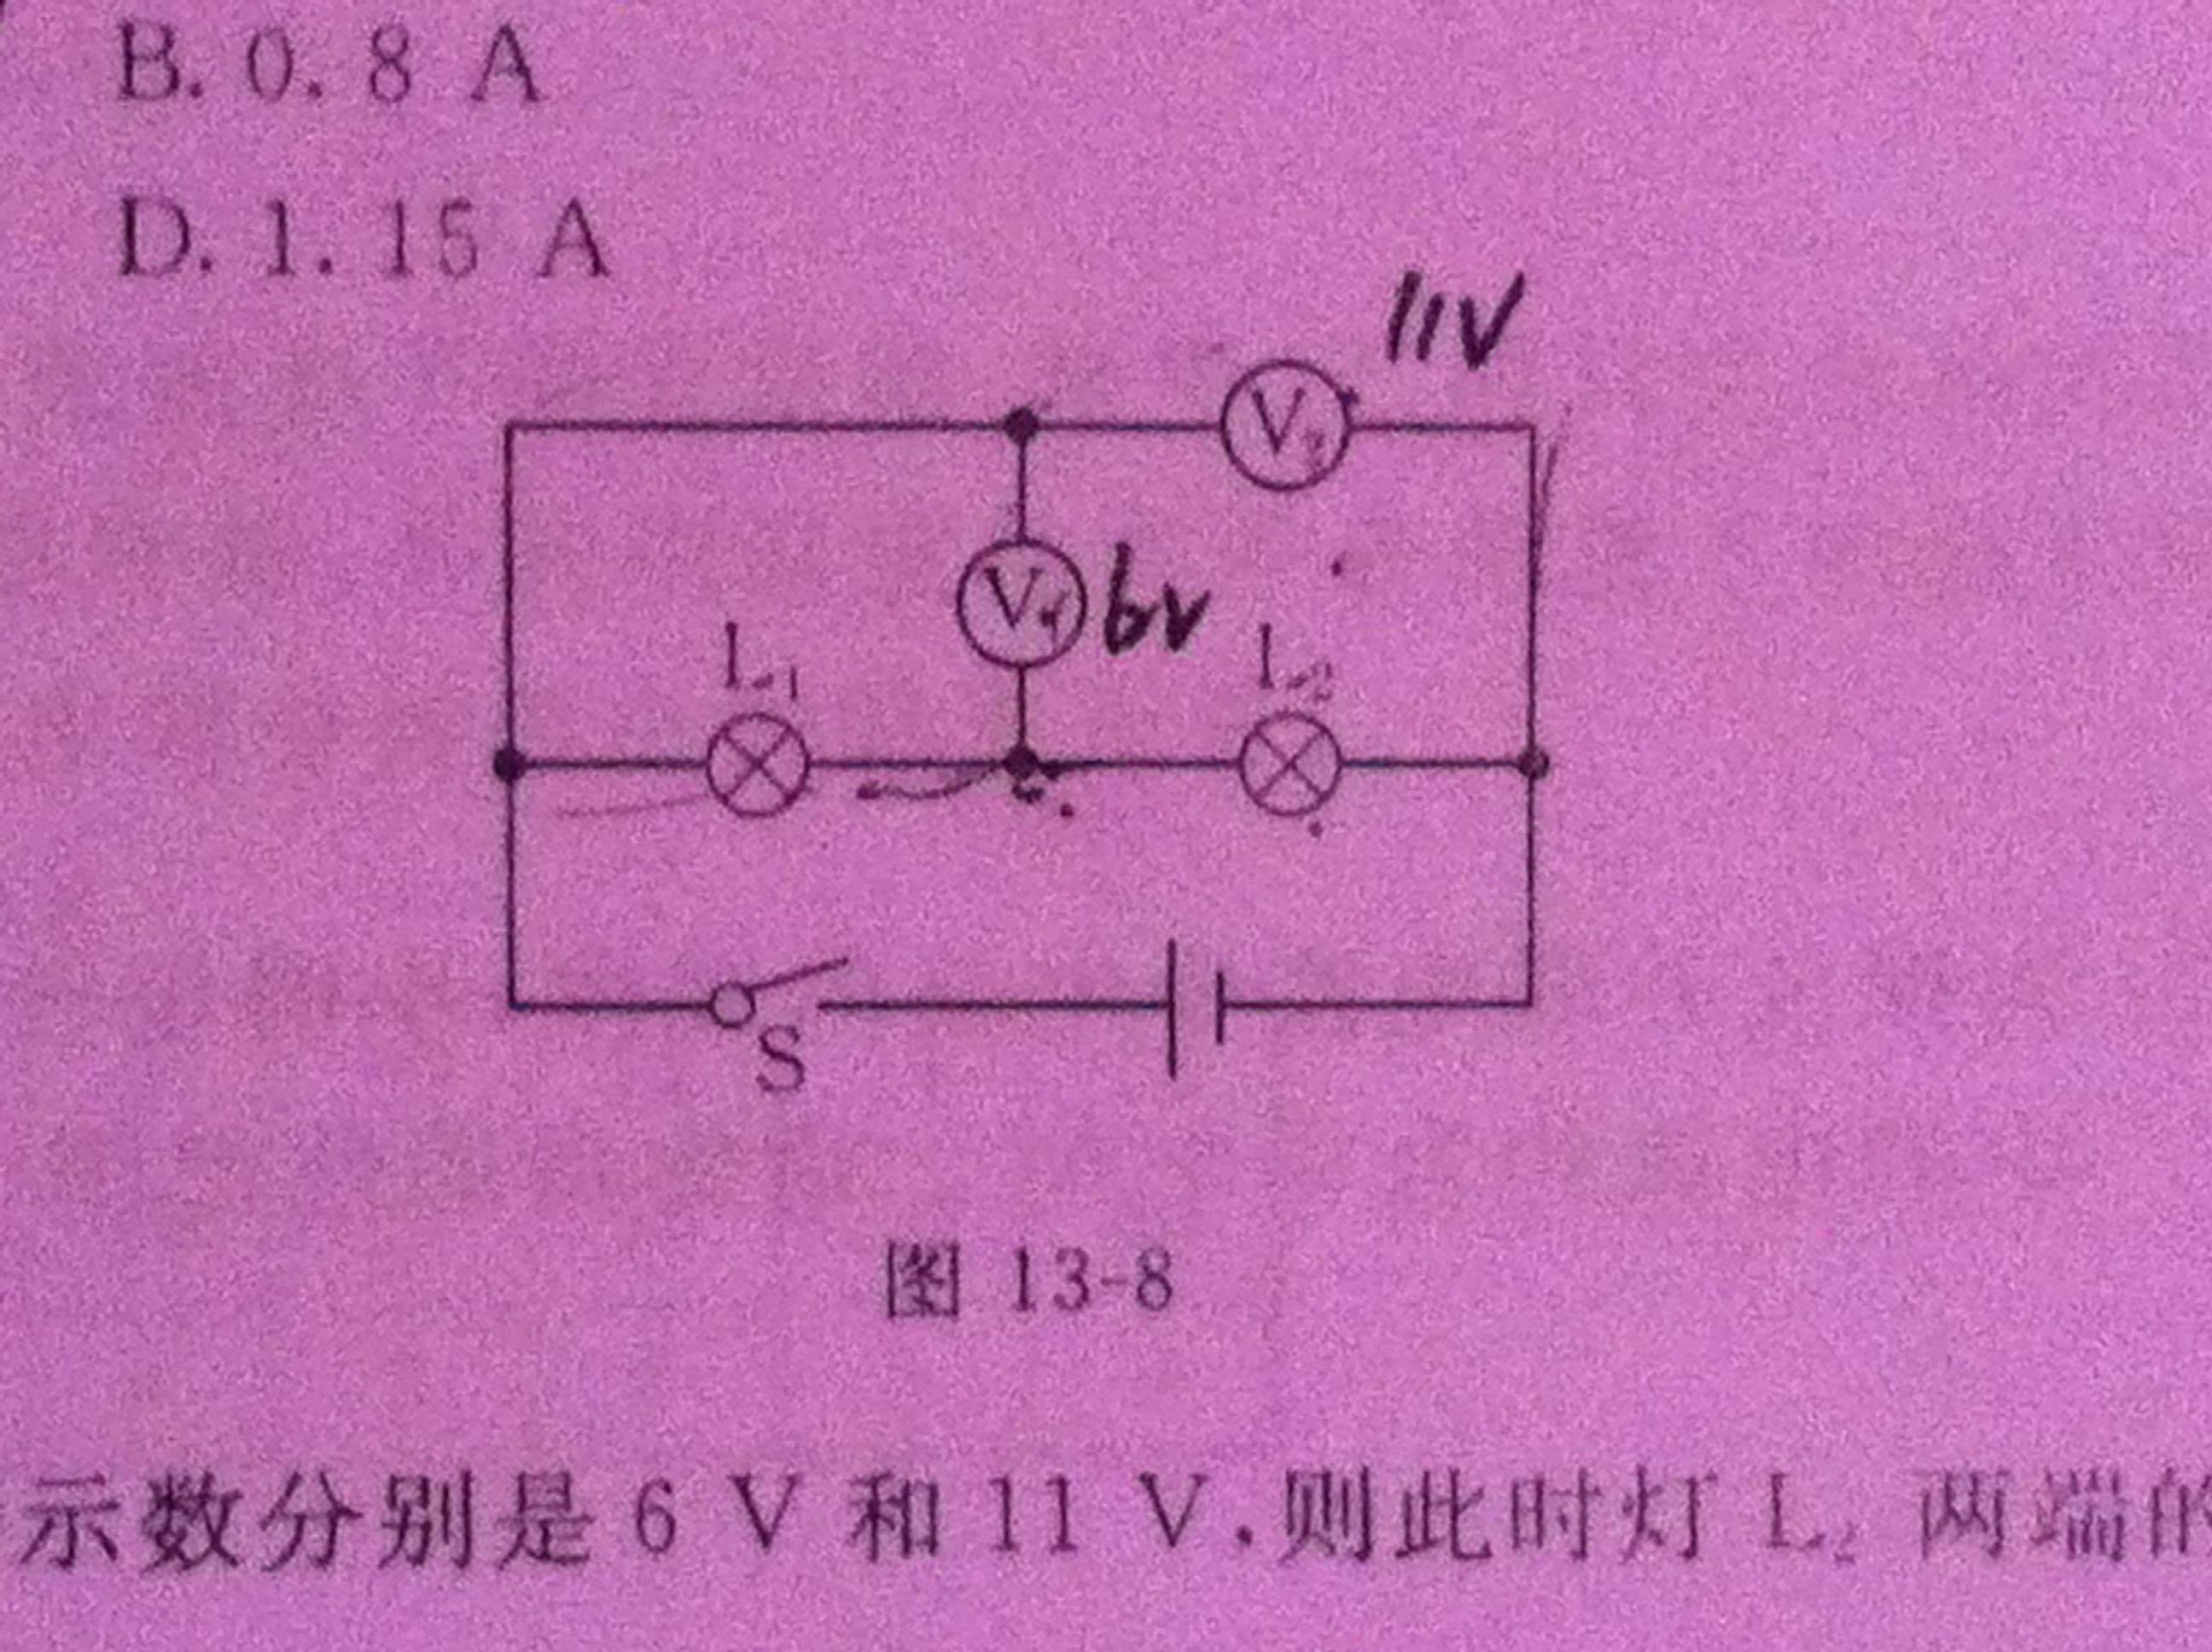 电路图,开关s闭合后电压表v1和v2的示数分别是6v和11v